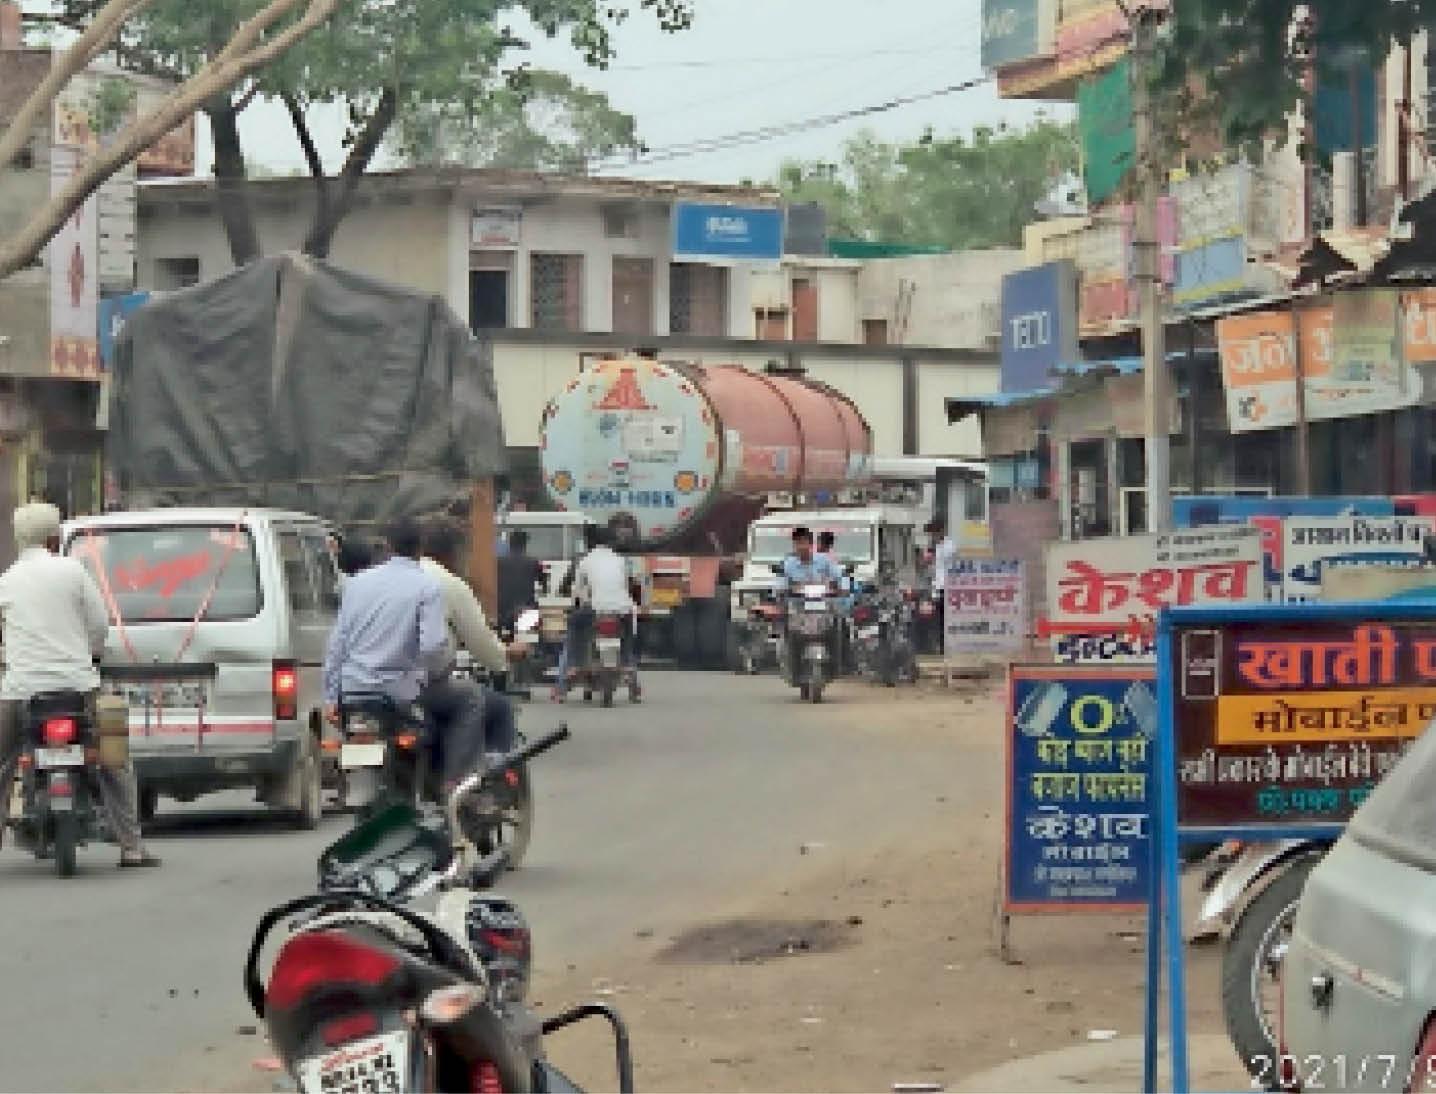 मुख्य मार्गों पर इस तरह भारी वाहनों के चलते बनती है जाम की समस्या। - Dainik Bhaskar